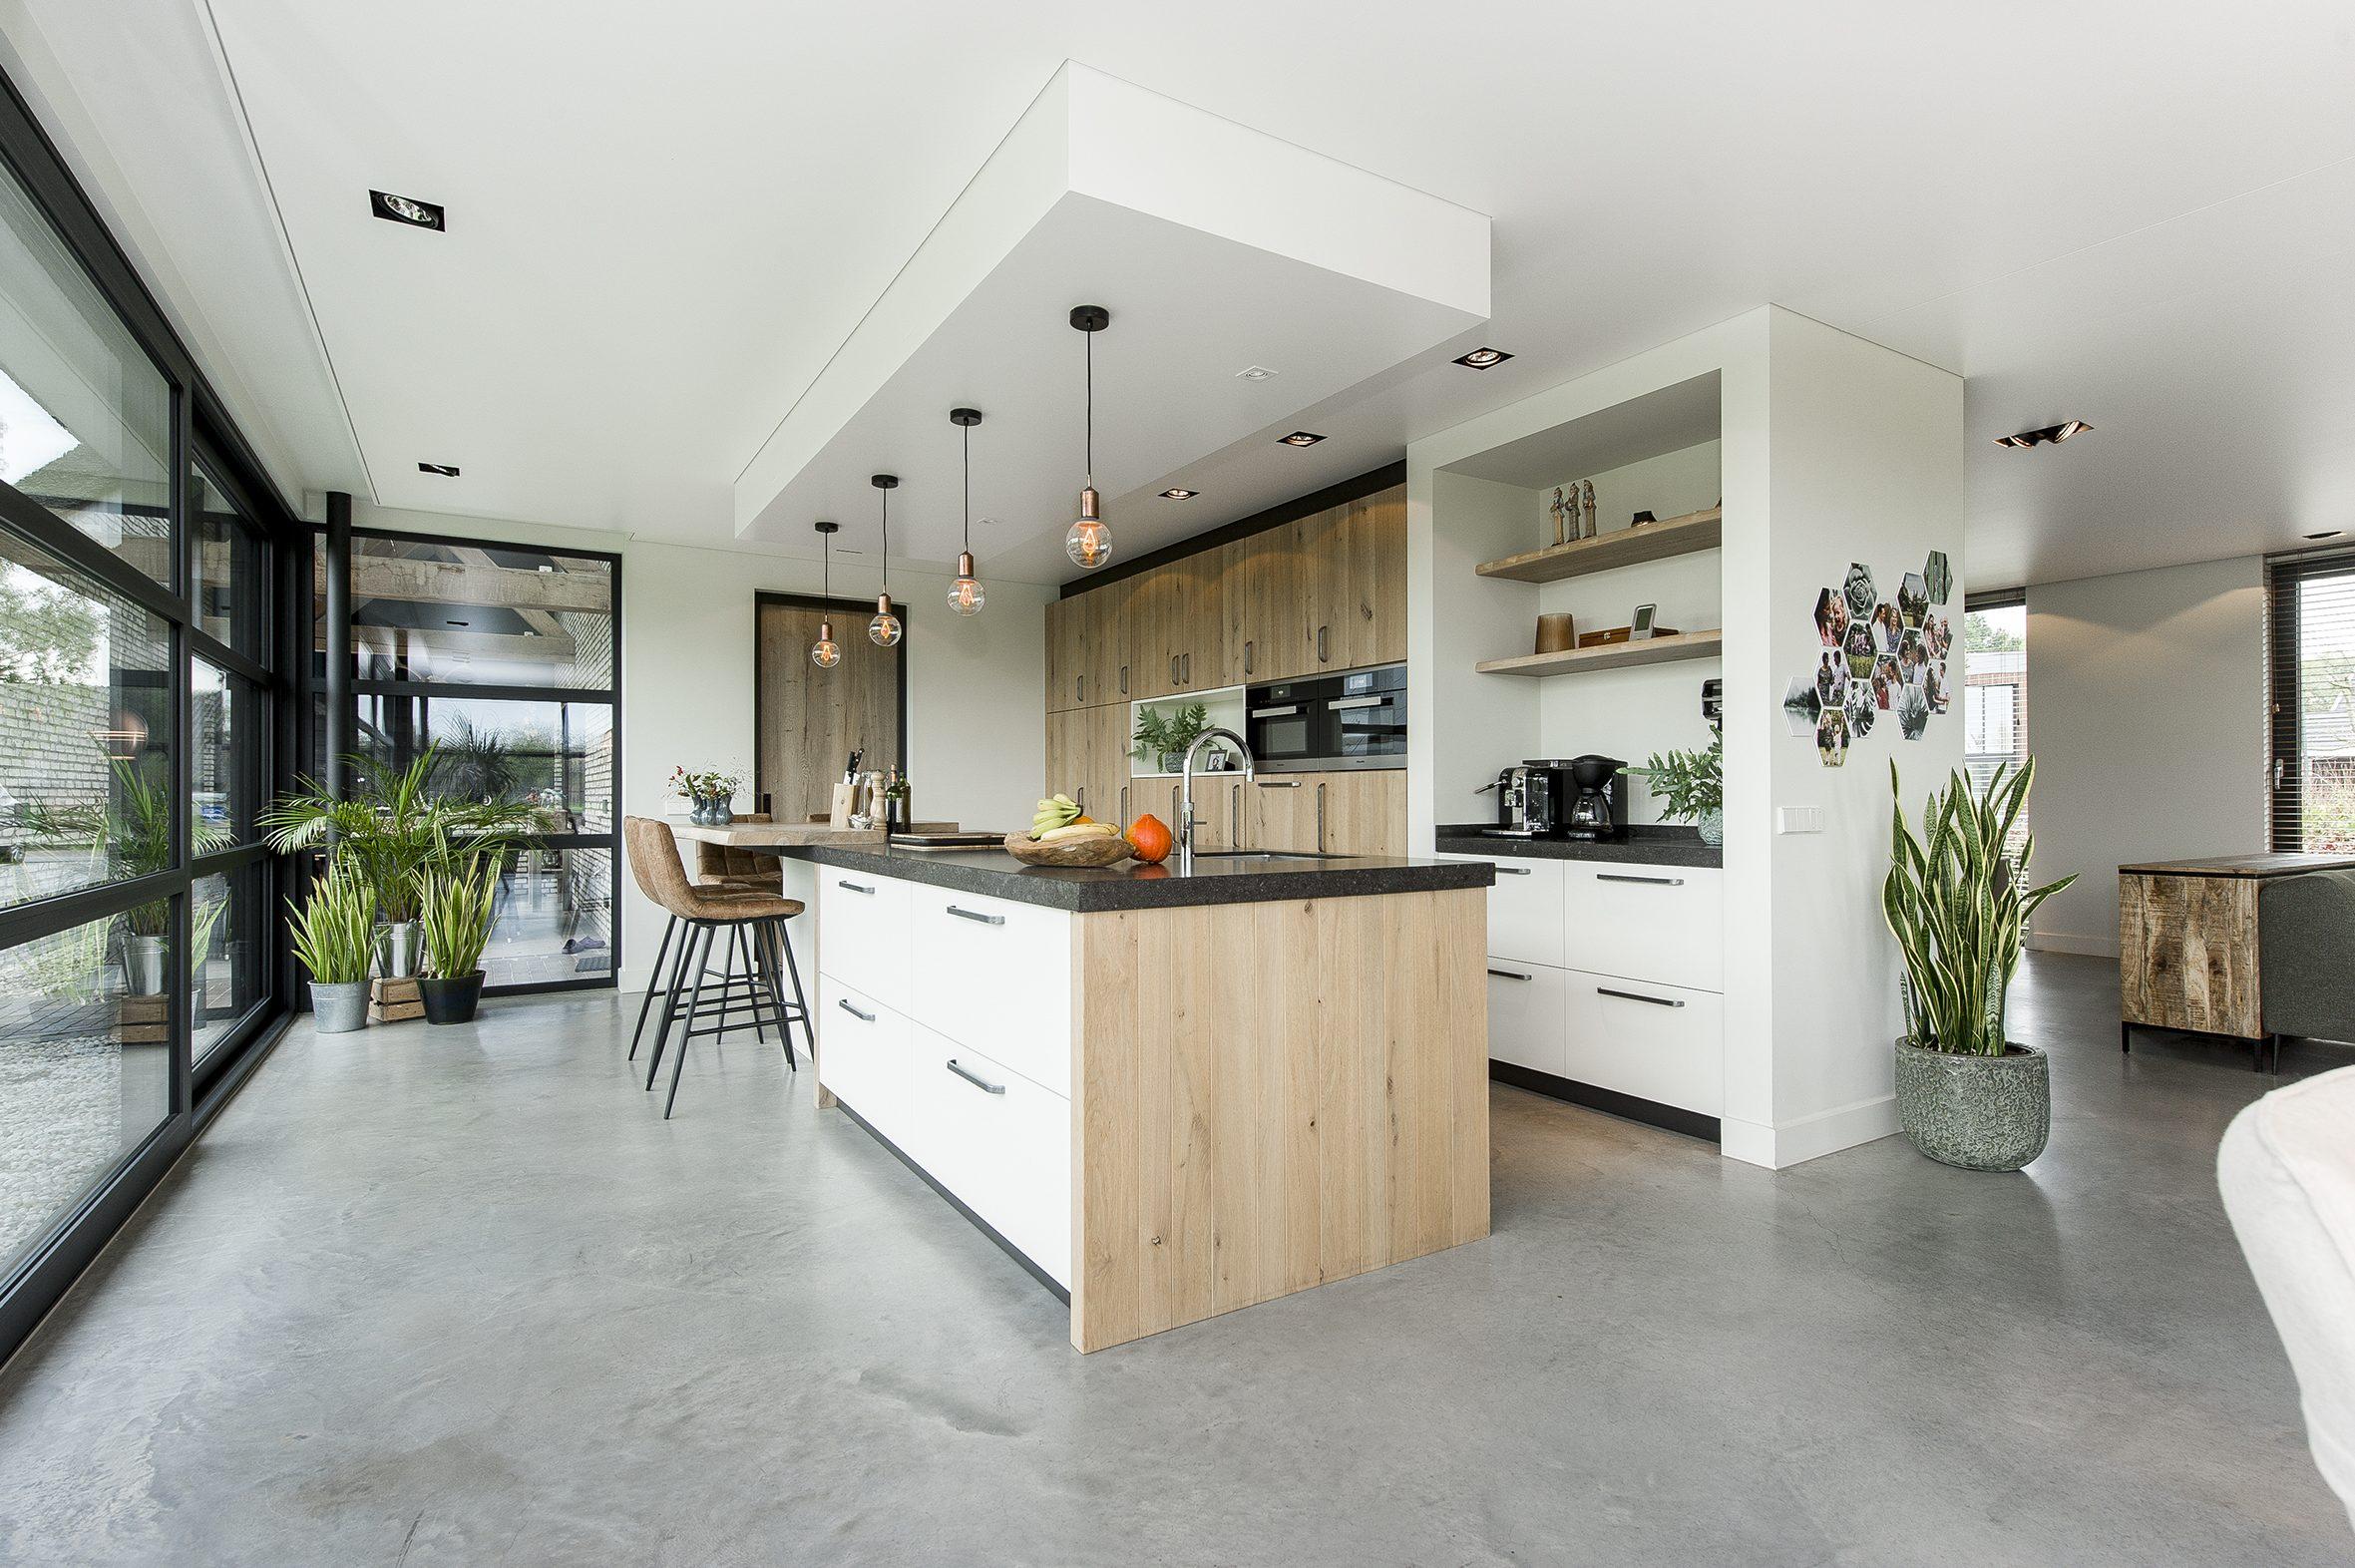 Barrisol akoestisch spanplafond in keuken